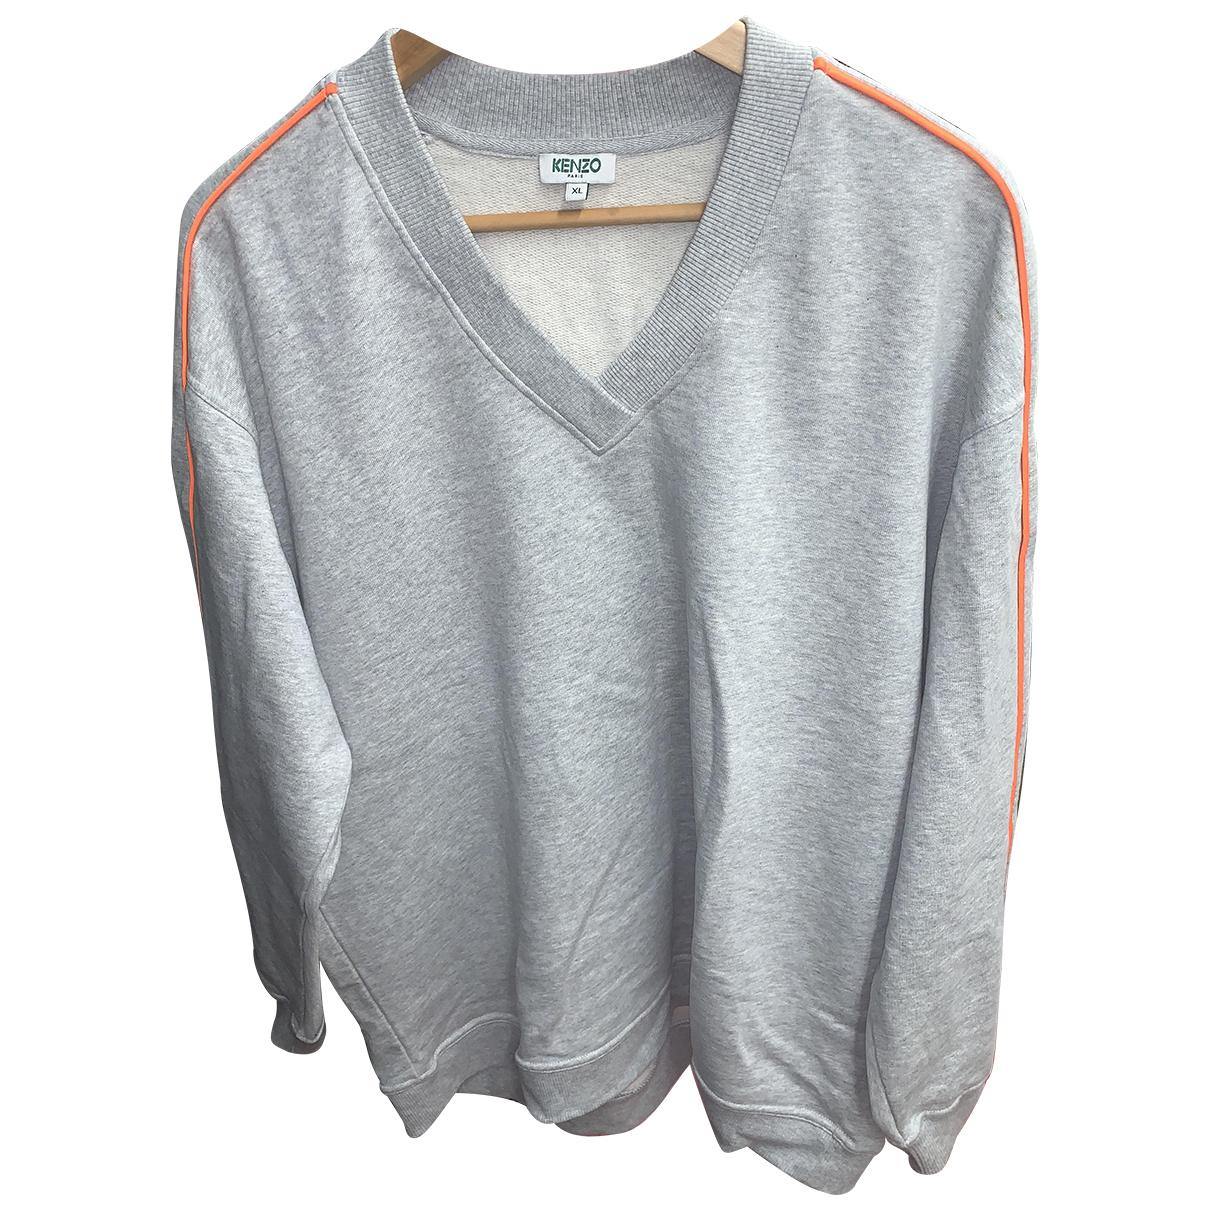 Kenzo N Grey Cotton Knitwear for Women 46 IT